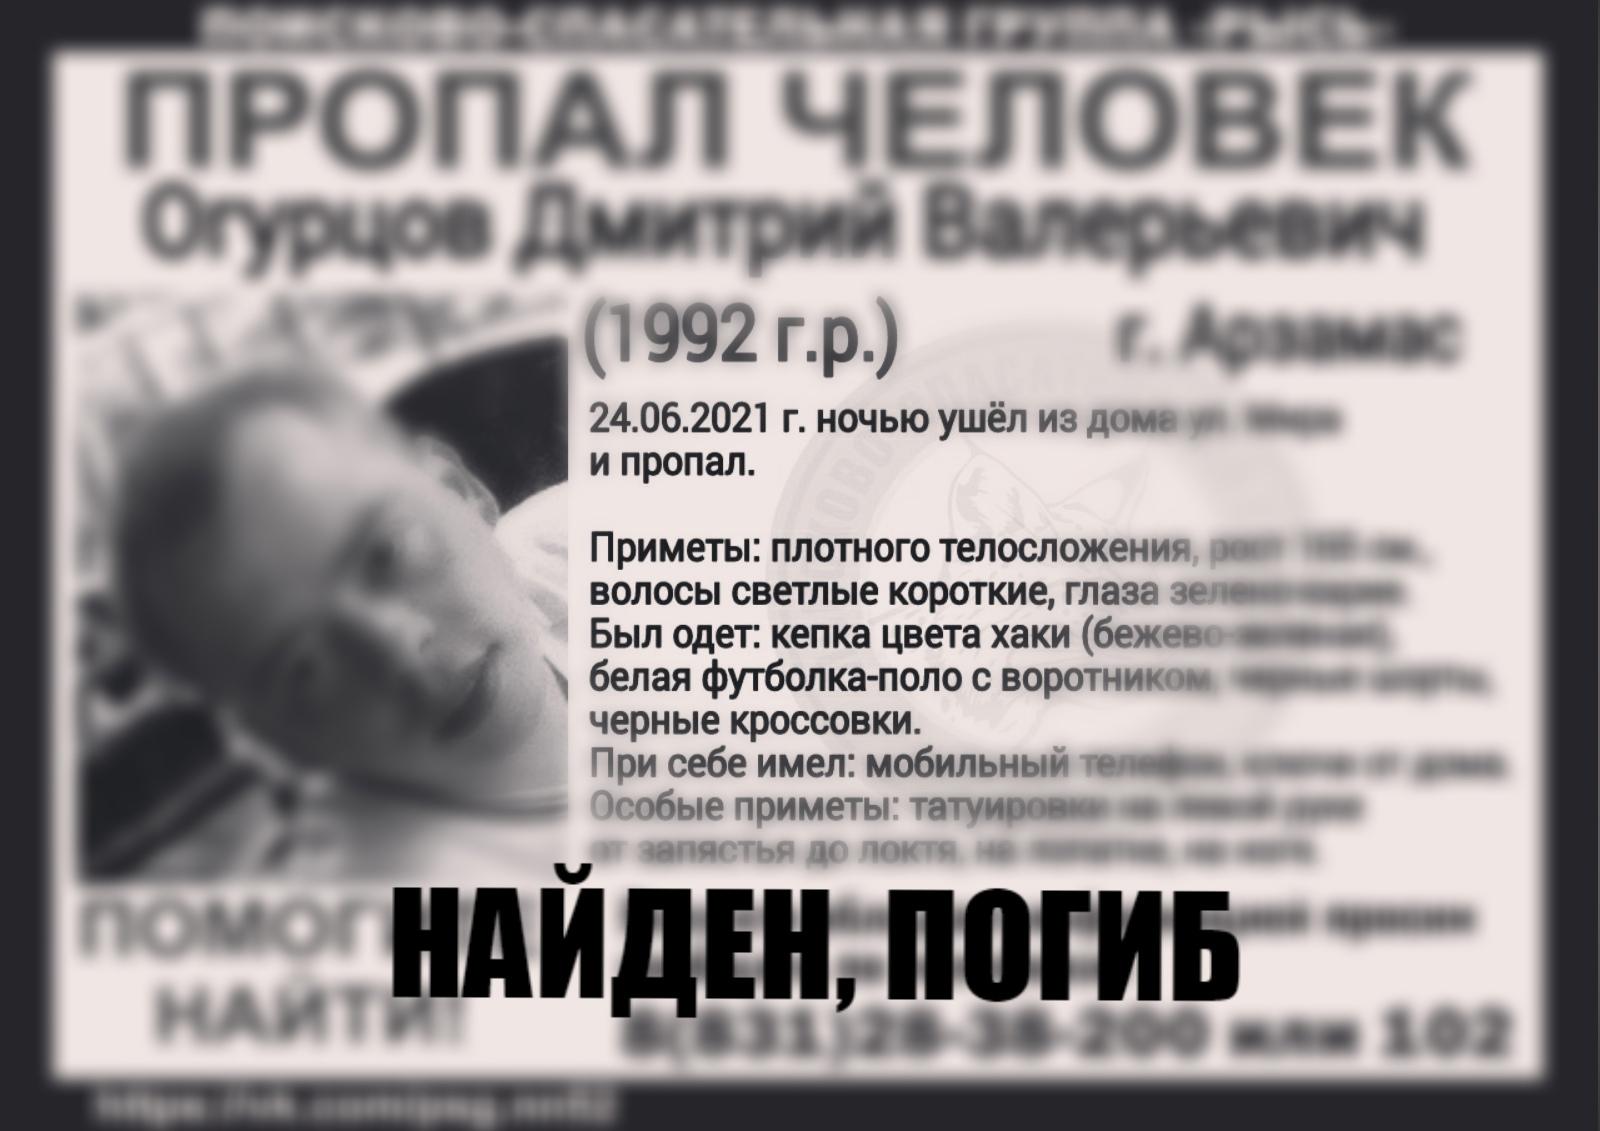 Огурцов Дмитрий Валерьевич, 1992 г.р., г. Арзамас